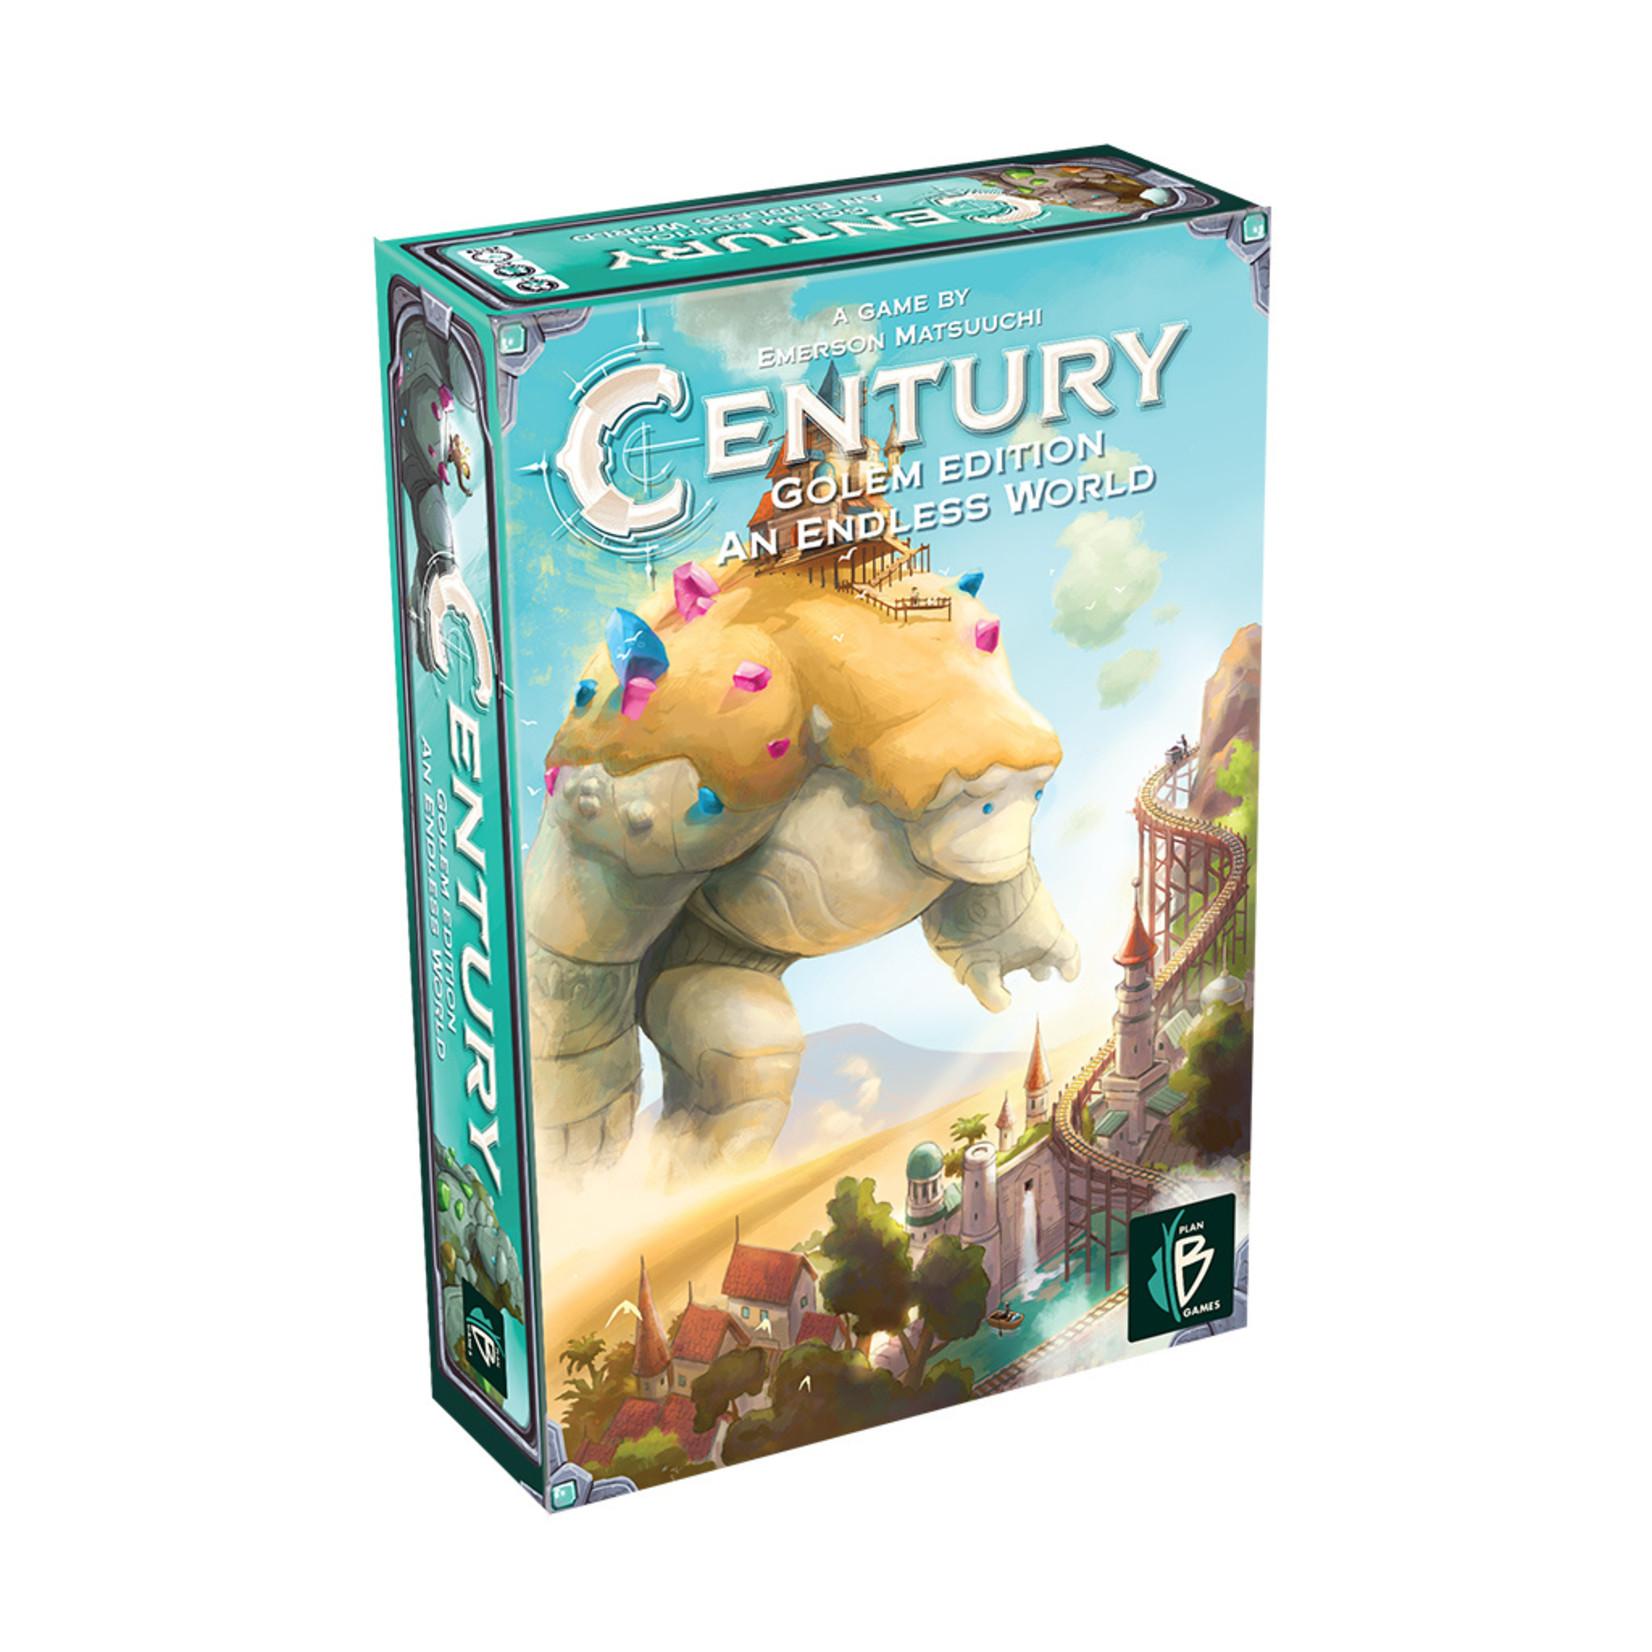 CENTURY GOLEM ENDLESS WORLD